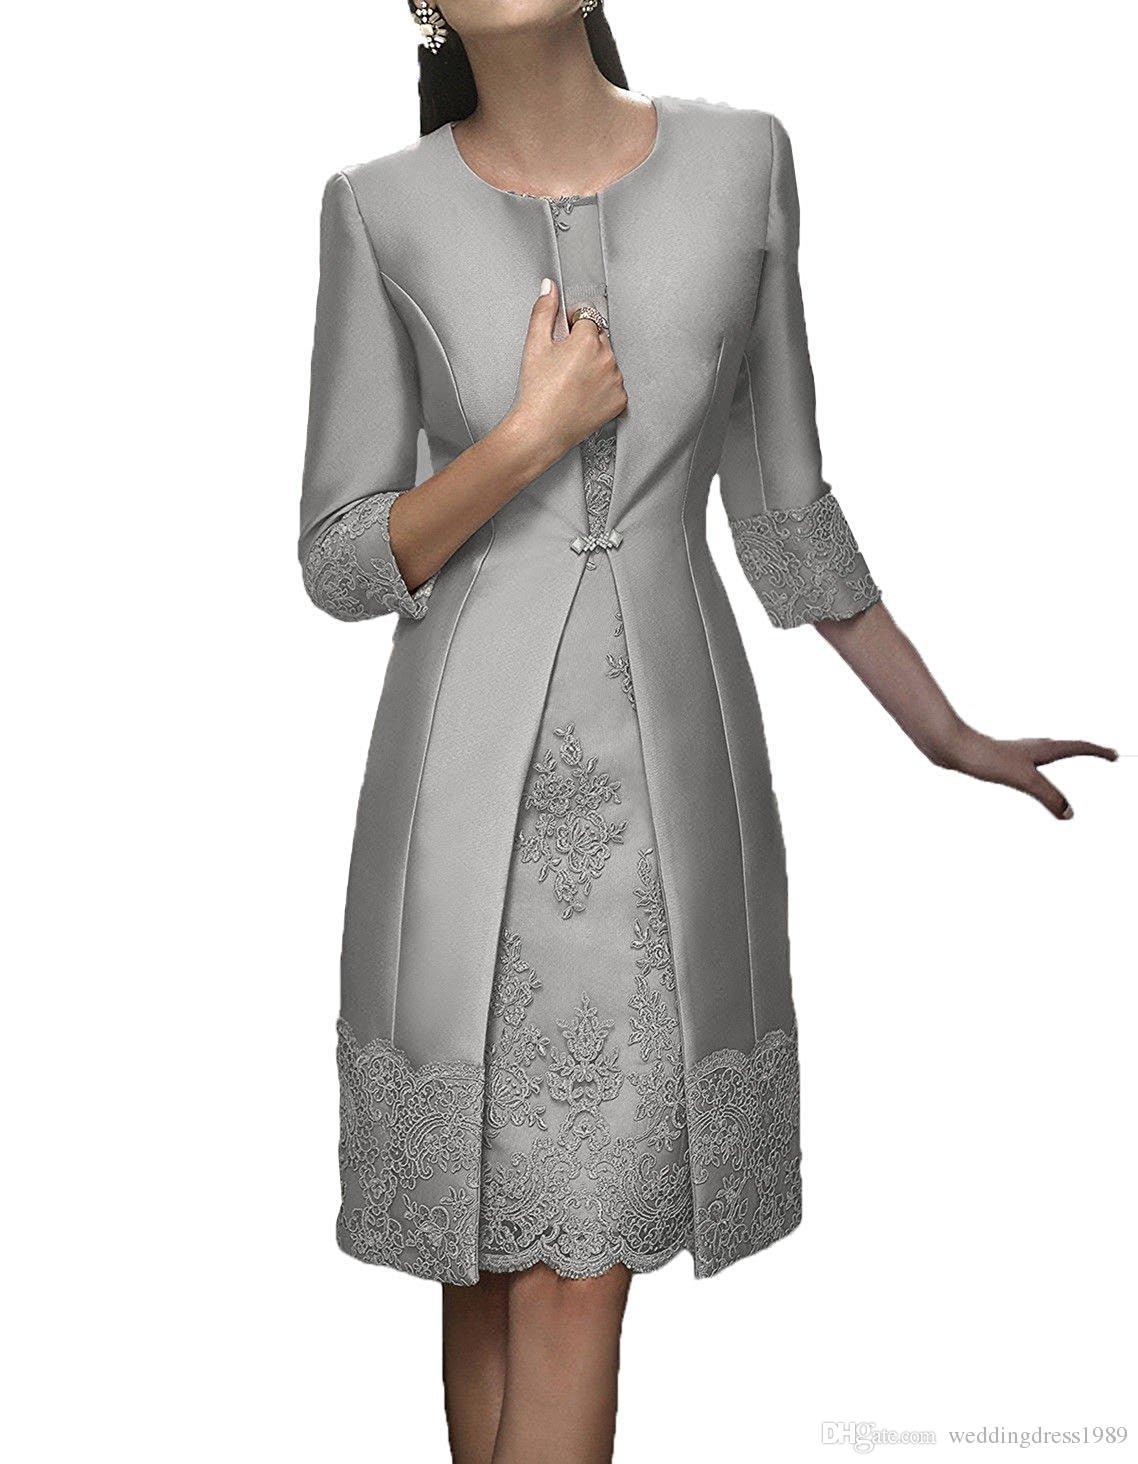 재킷 저녁 새틴 레이스 파티 웨딩 게스트 드레스 2018 어머니의 신부 드레스 한 벌의 드레스로 우아한 칼집 짧은 어머니 정장 착용